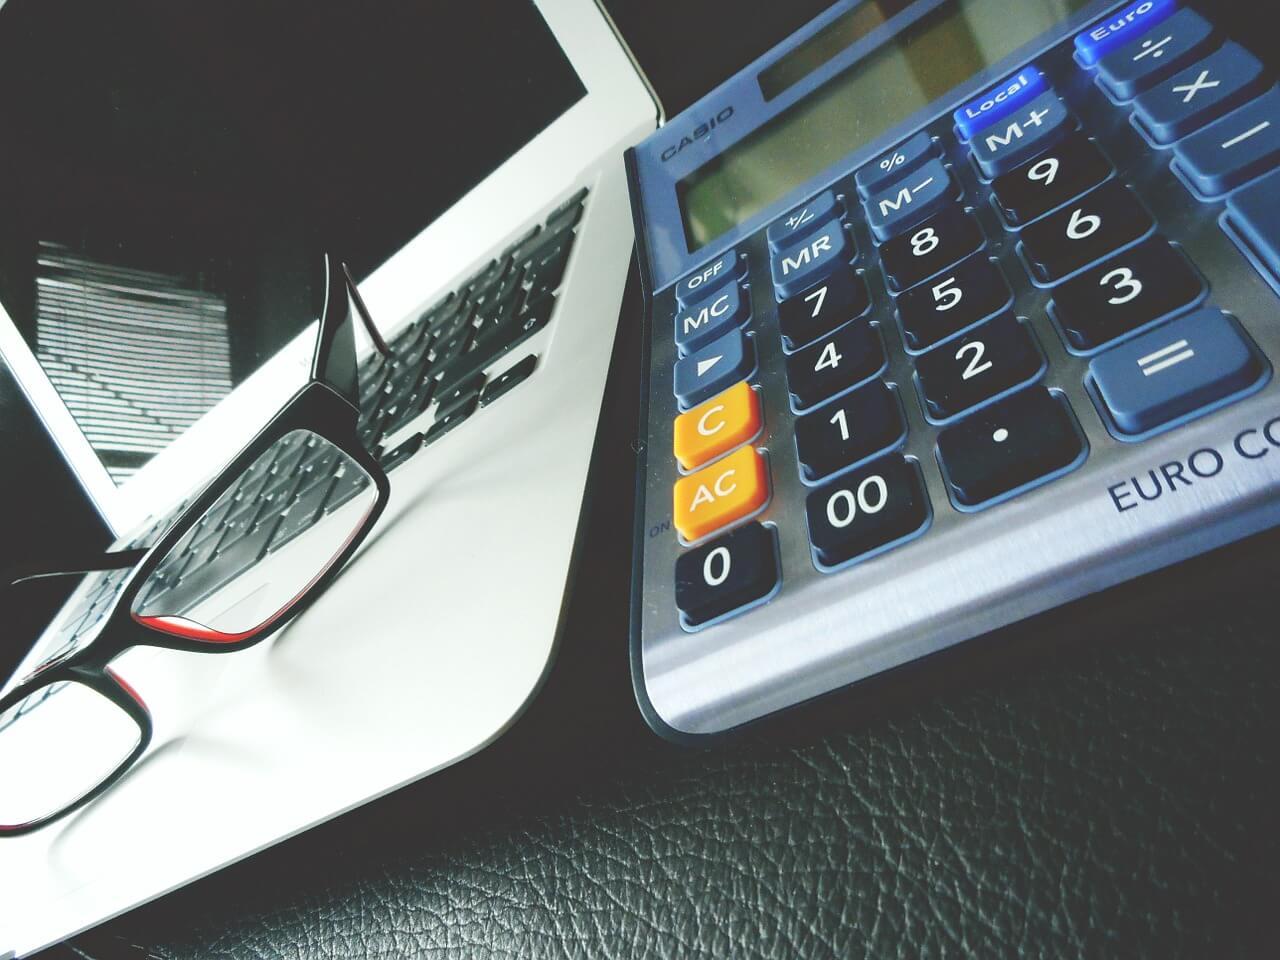 Финансирование IT в кризис: лизинг, рассрочка, факторинг